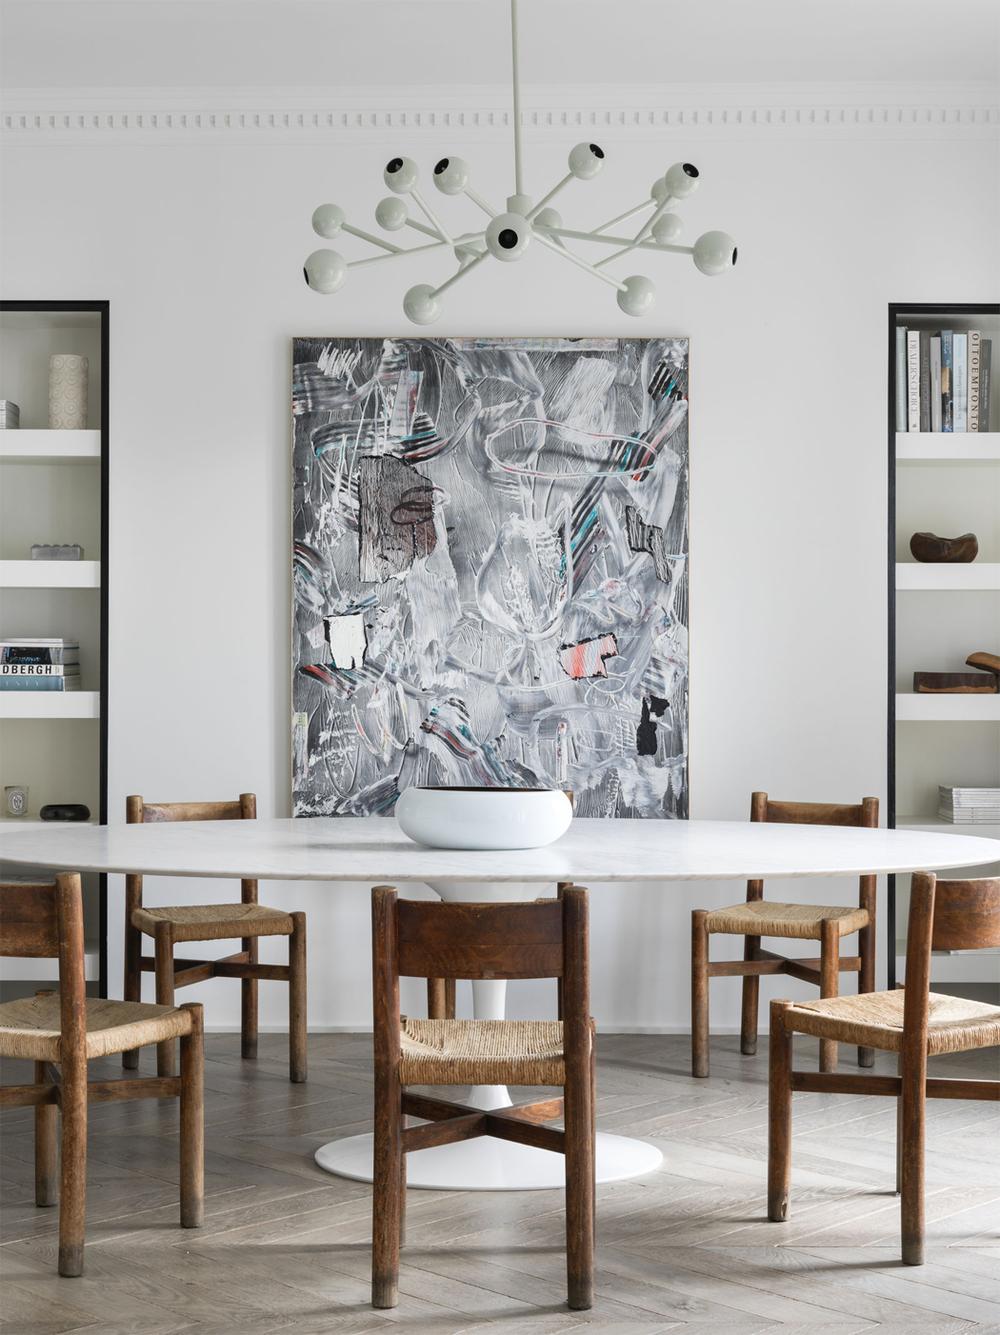 jr-apartement-by-Nicolas-Schuybroek-4.png